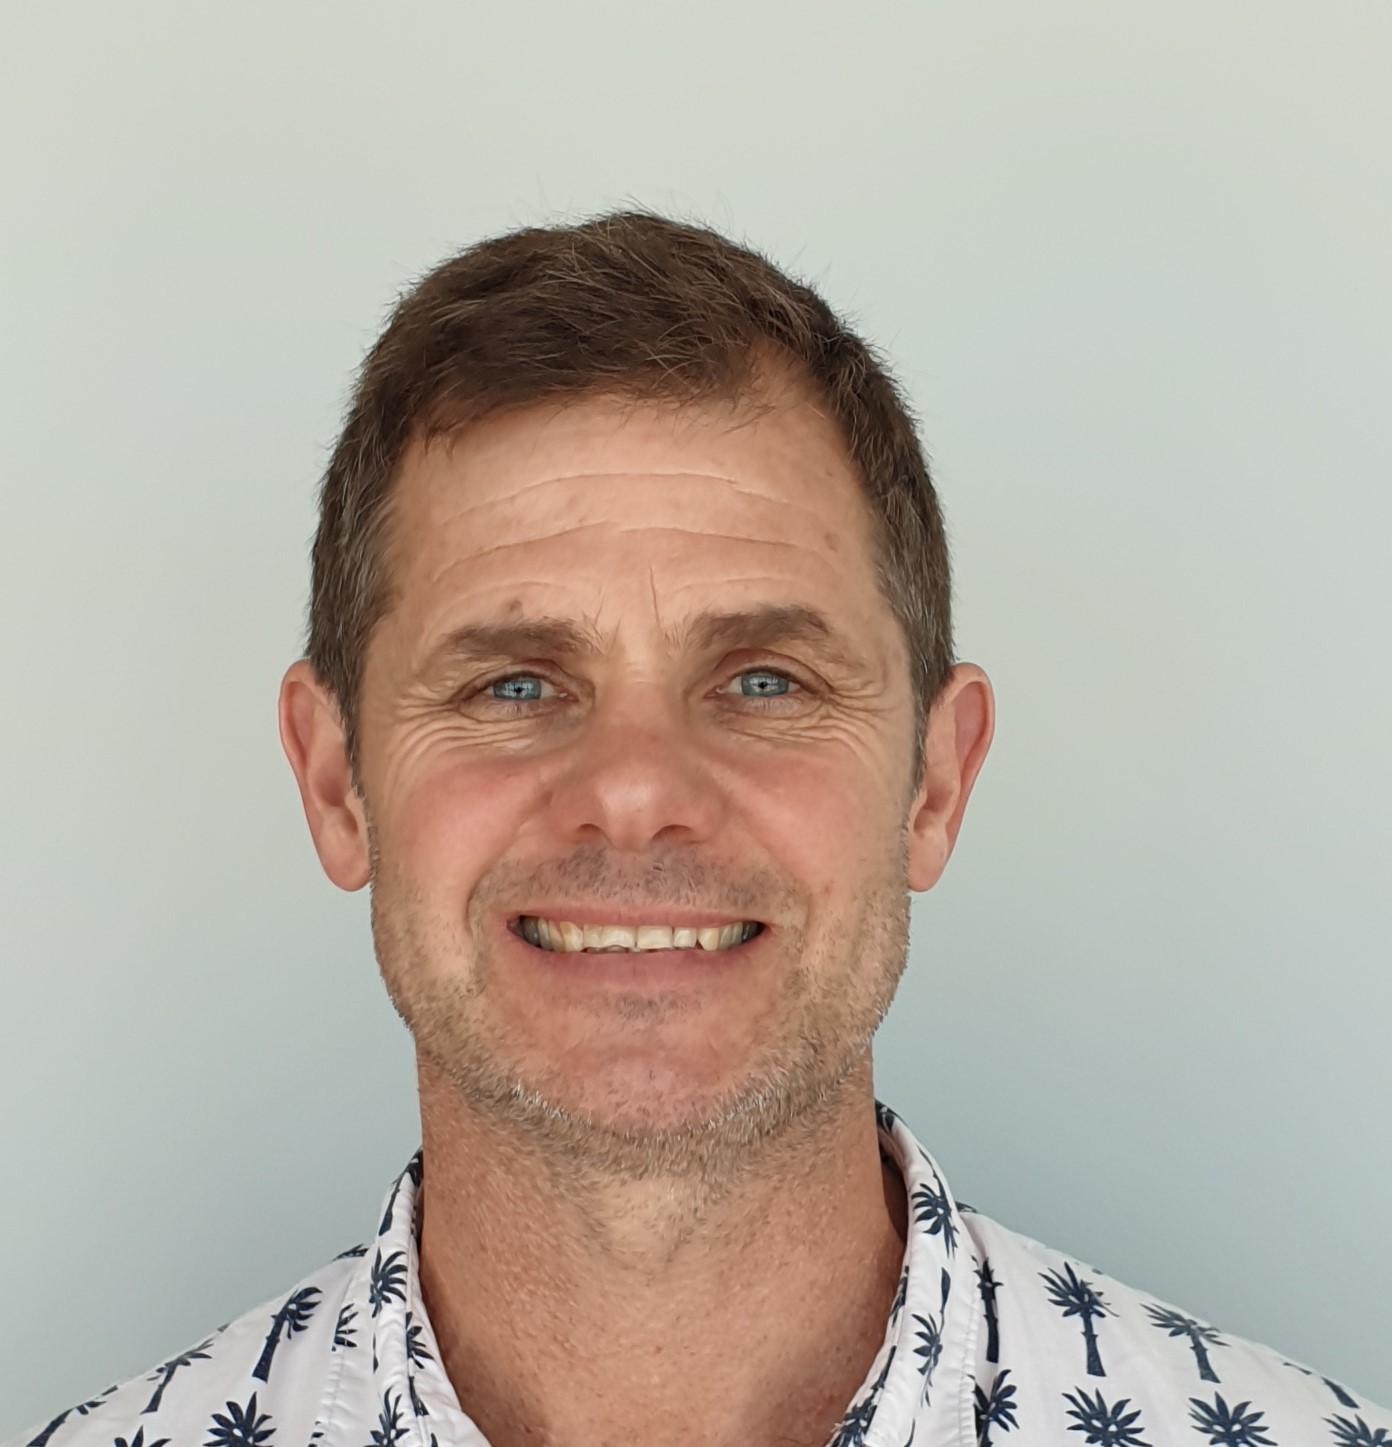 Associate Professor Paul Edward Gribben